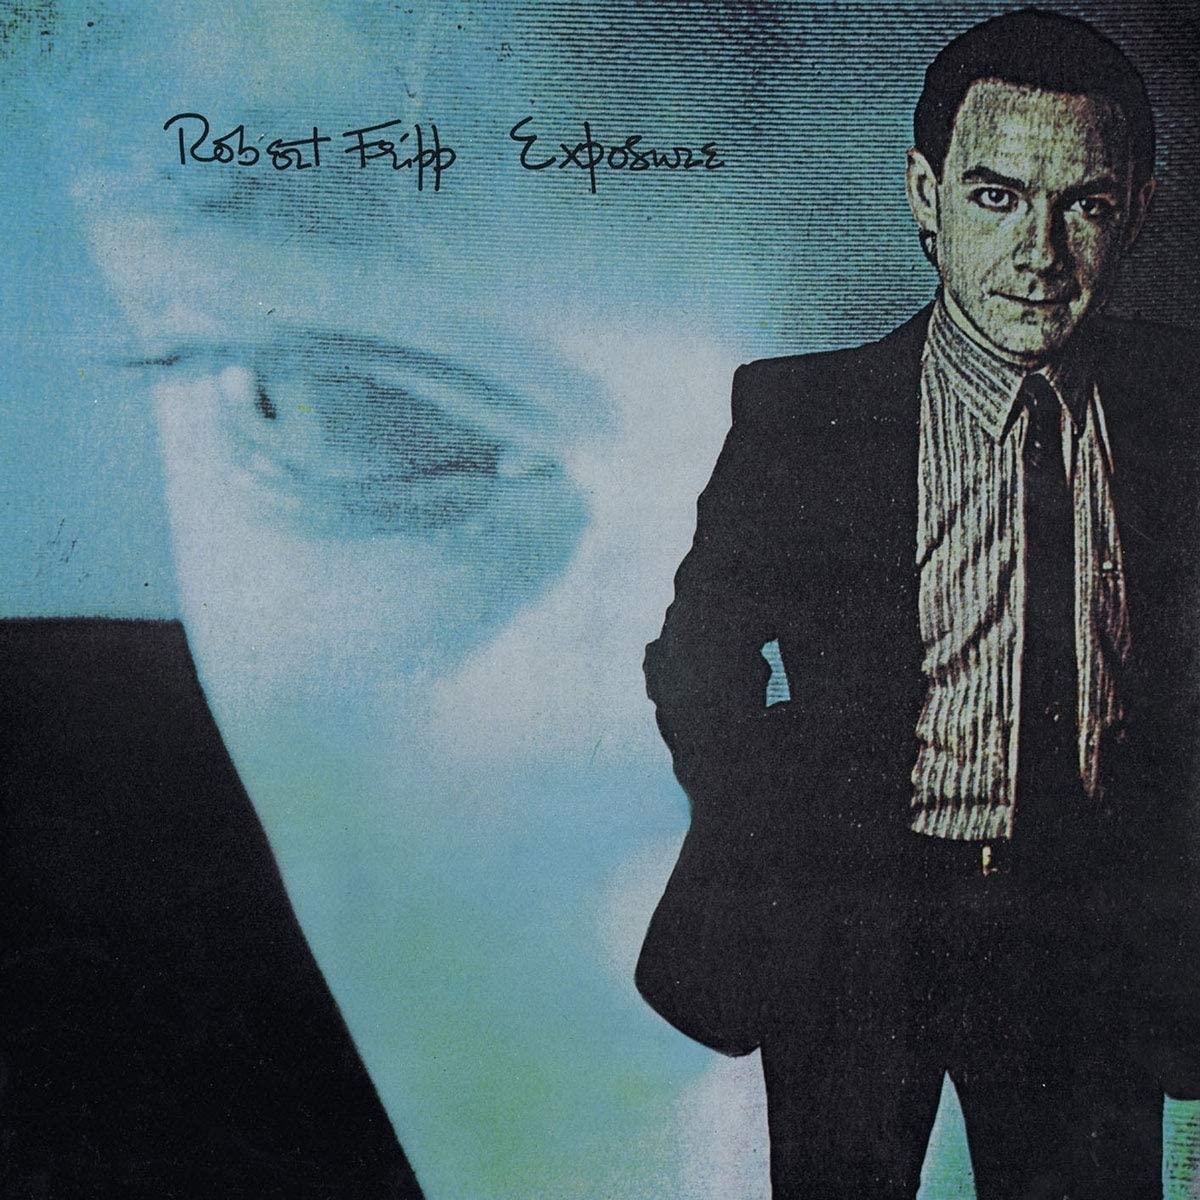 Copertina Vinile 33 giri Exposure [2 LP] di Robert Fripp